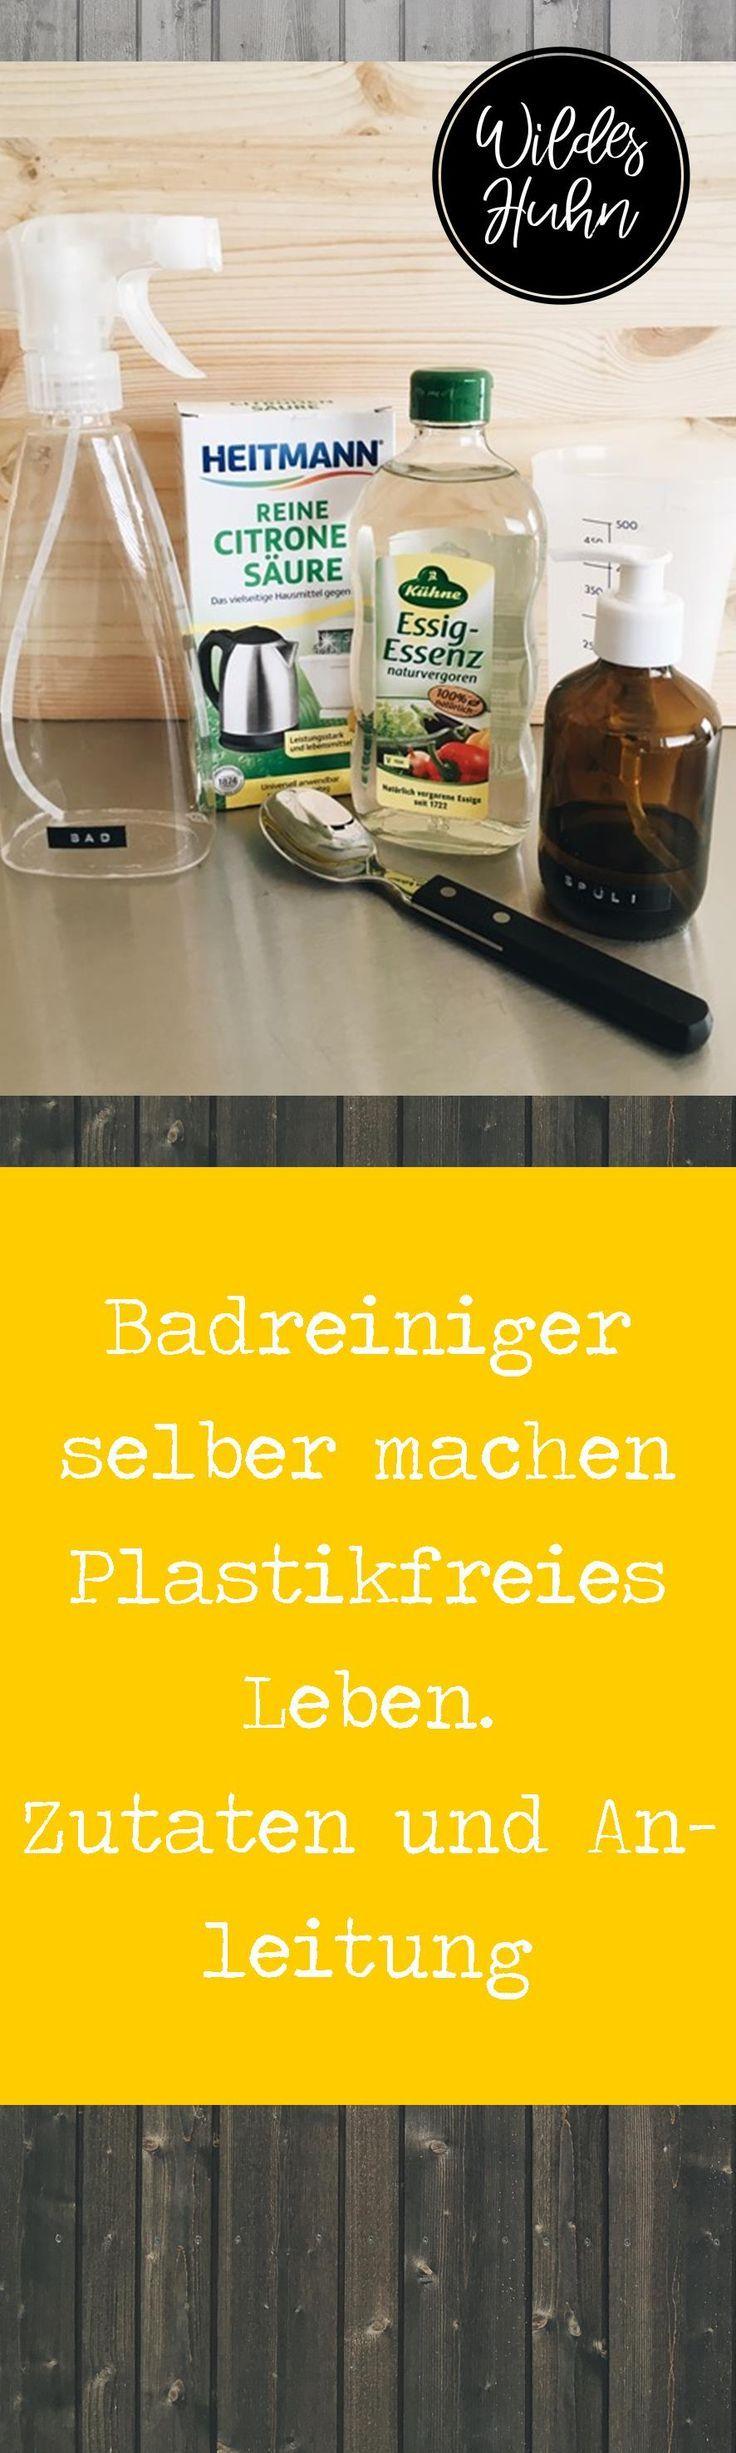 Rezept für selbergemachten Badreiniger. DIY. Schnell und einfach. Umweltschonend. Plastikfreies Leben. – Rosanisiert | Der Blog über Ordnung, Putzen und (Life)Style